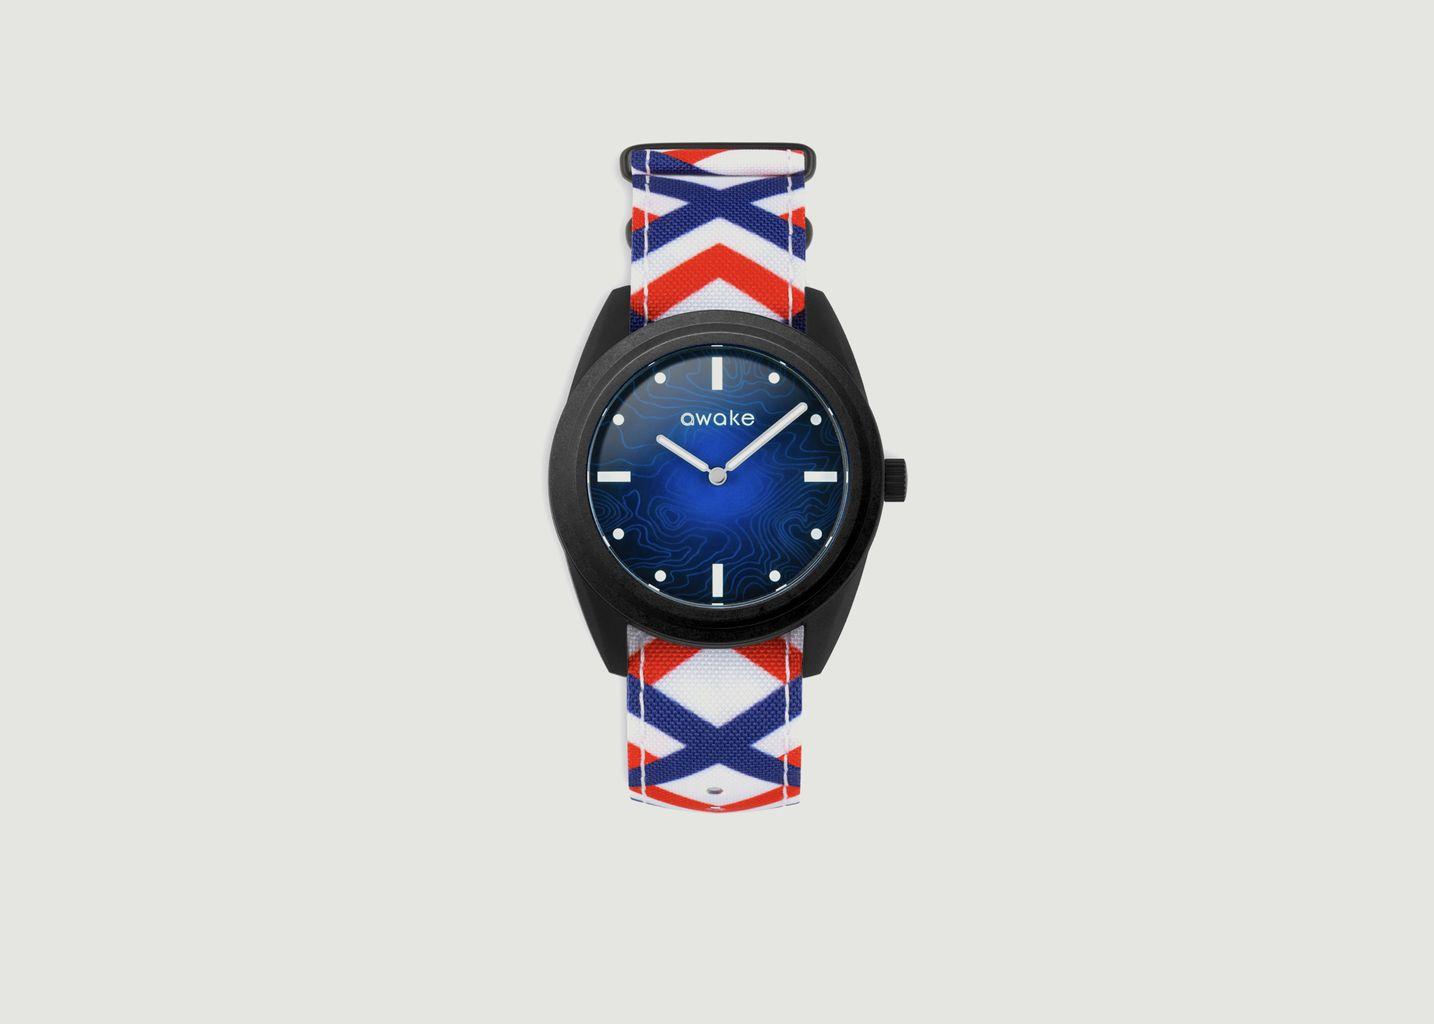 Montre La Bleue Nato Tricolore - Awake Concept